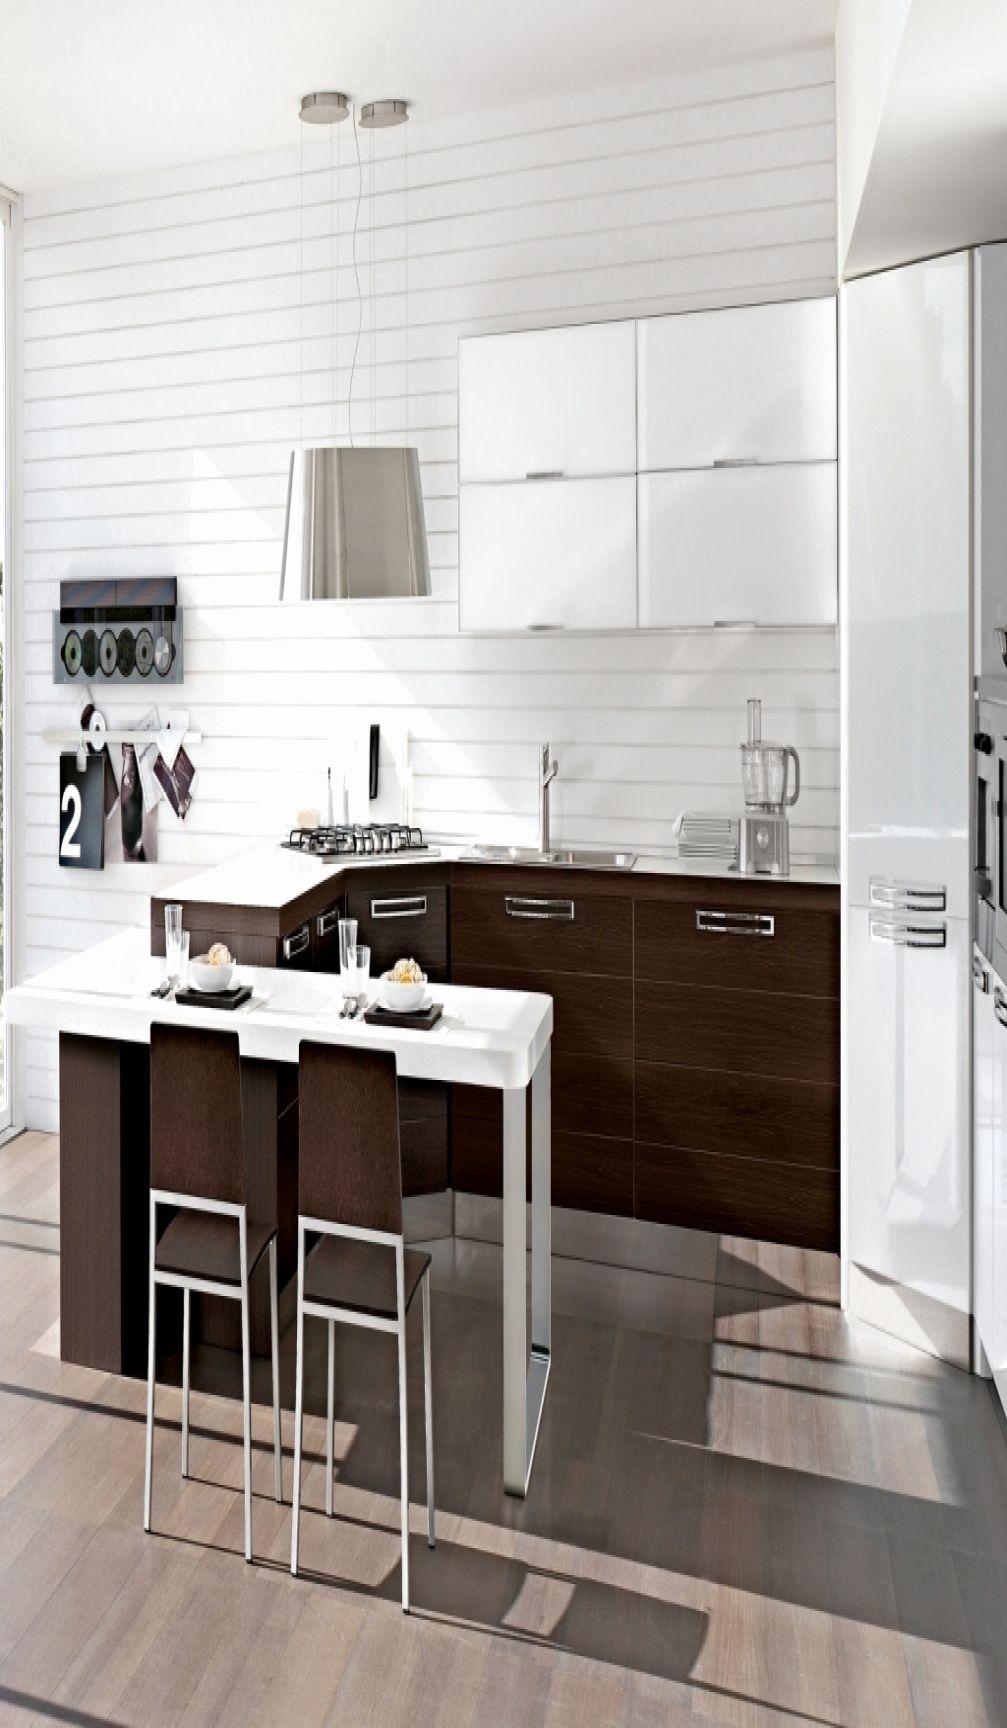 Cucina E Soggiorno Insieme straordinario campione come arredare cucina e soggiorno